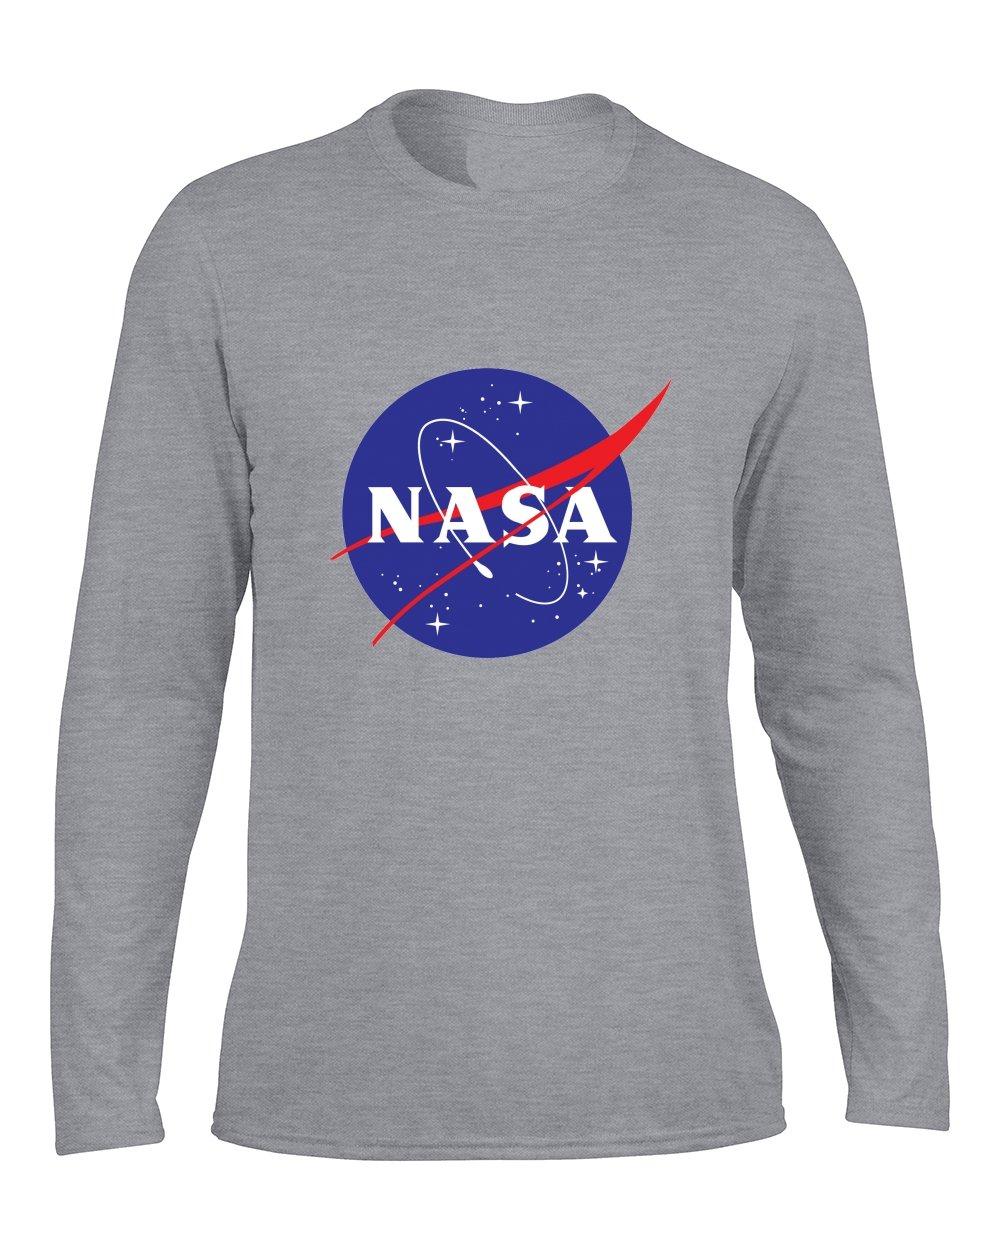 cefbd6fe32d833 DLQUEEN Men s NASA Logo Long Sleeve T-shirt Long Shirt Gray X-large Apparel